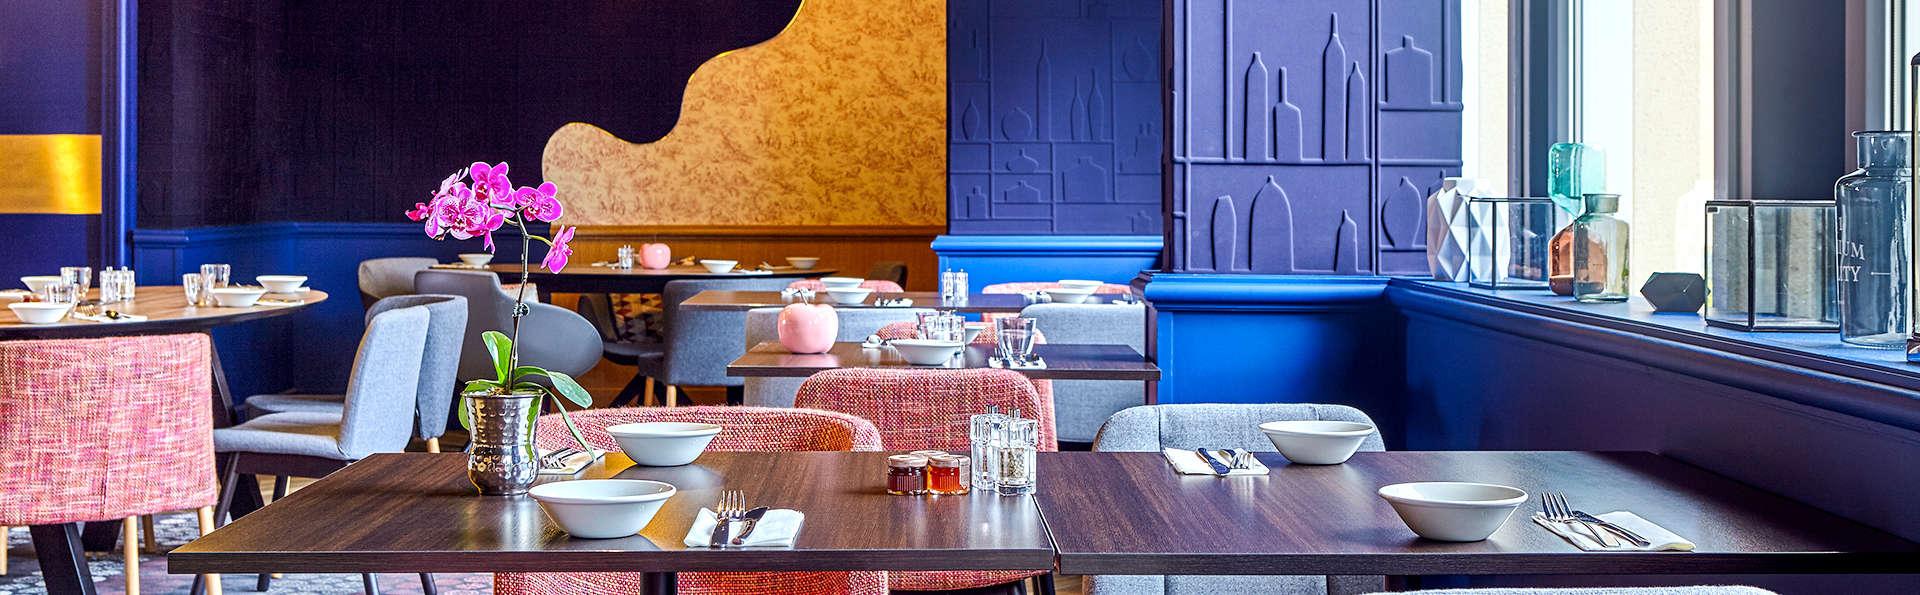 Séjour gourmand avec un dîner 3 plats à Fontainebleau